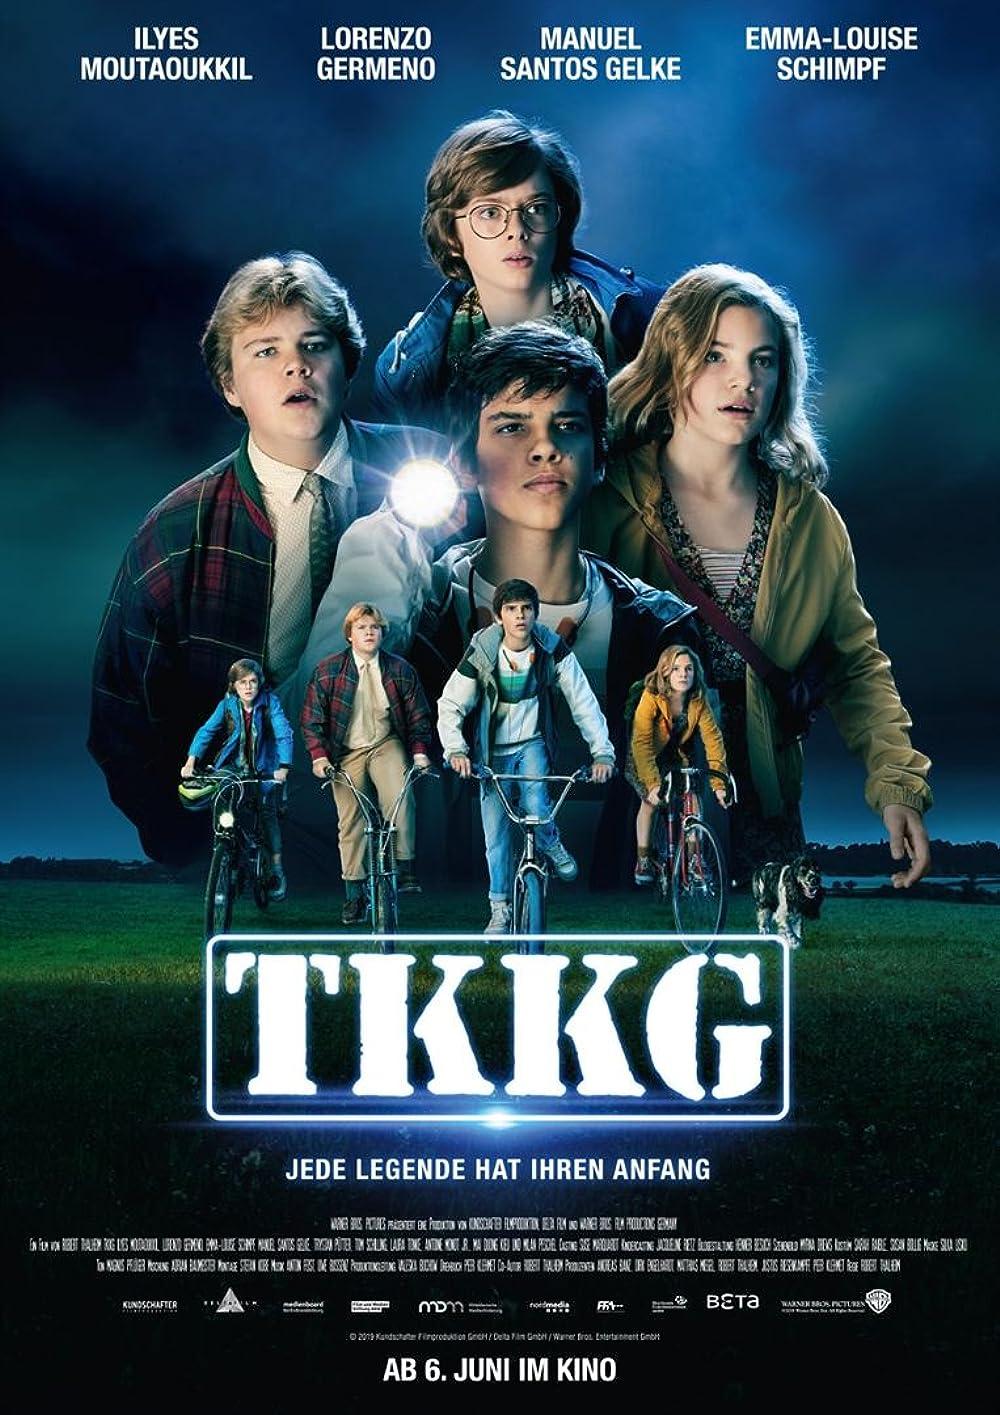 Filmbeschreibung zu TKKG